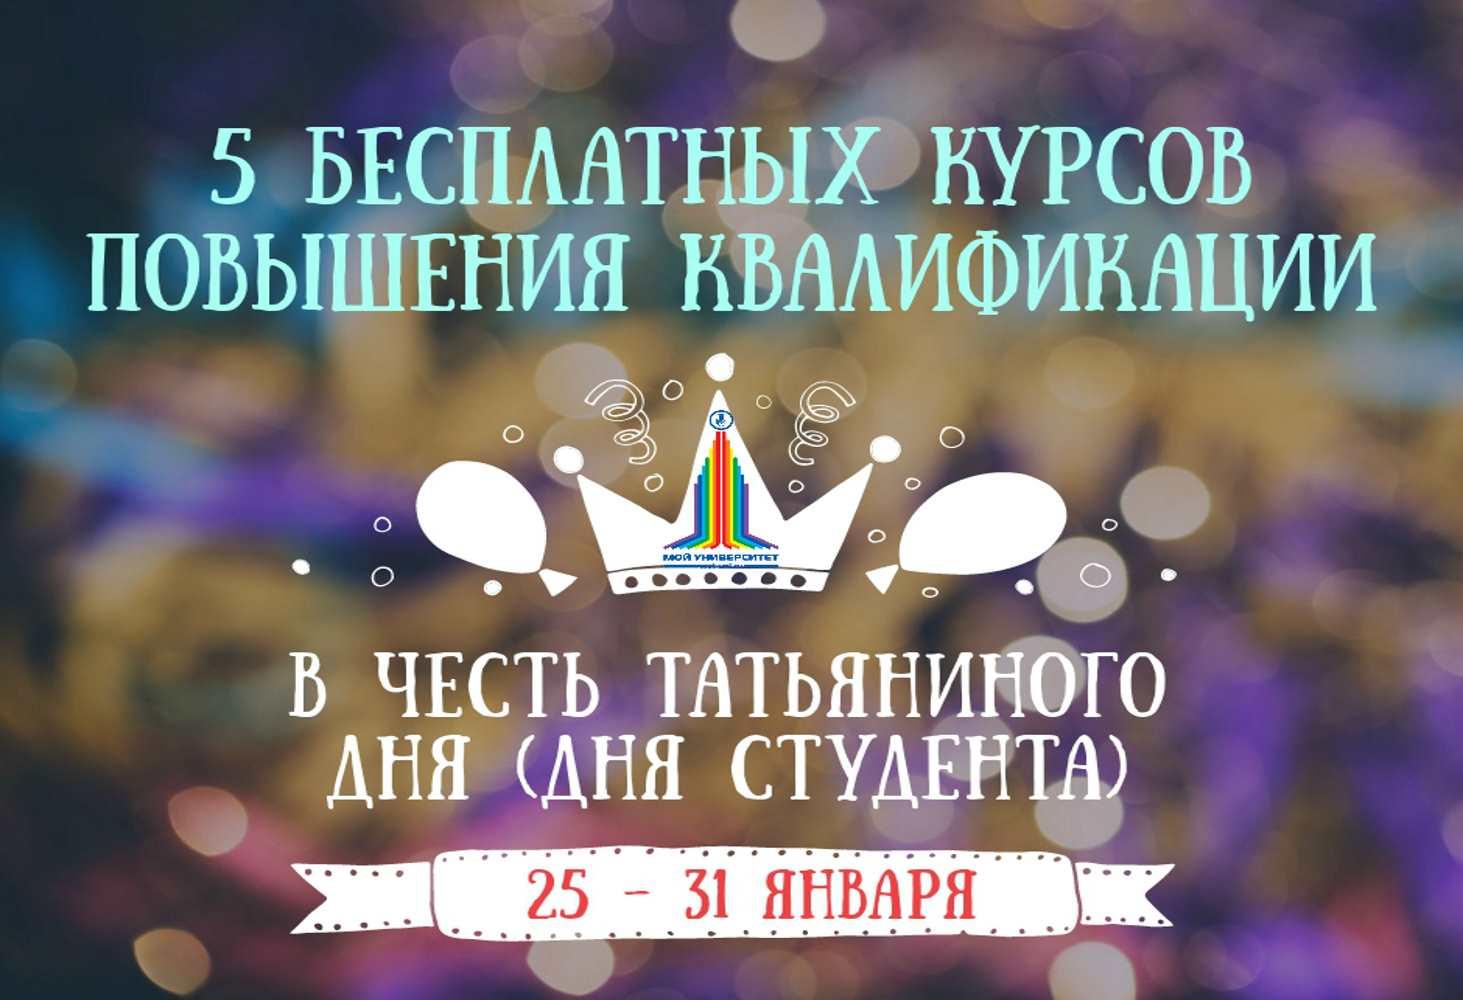 startujet-blagotvoritelnaya-akciya-v-chest-tatyanina-dnia